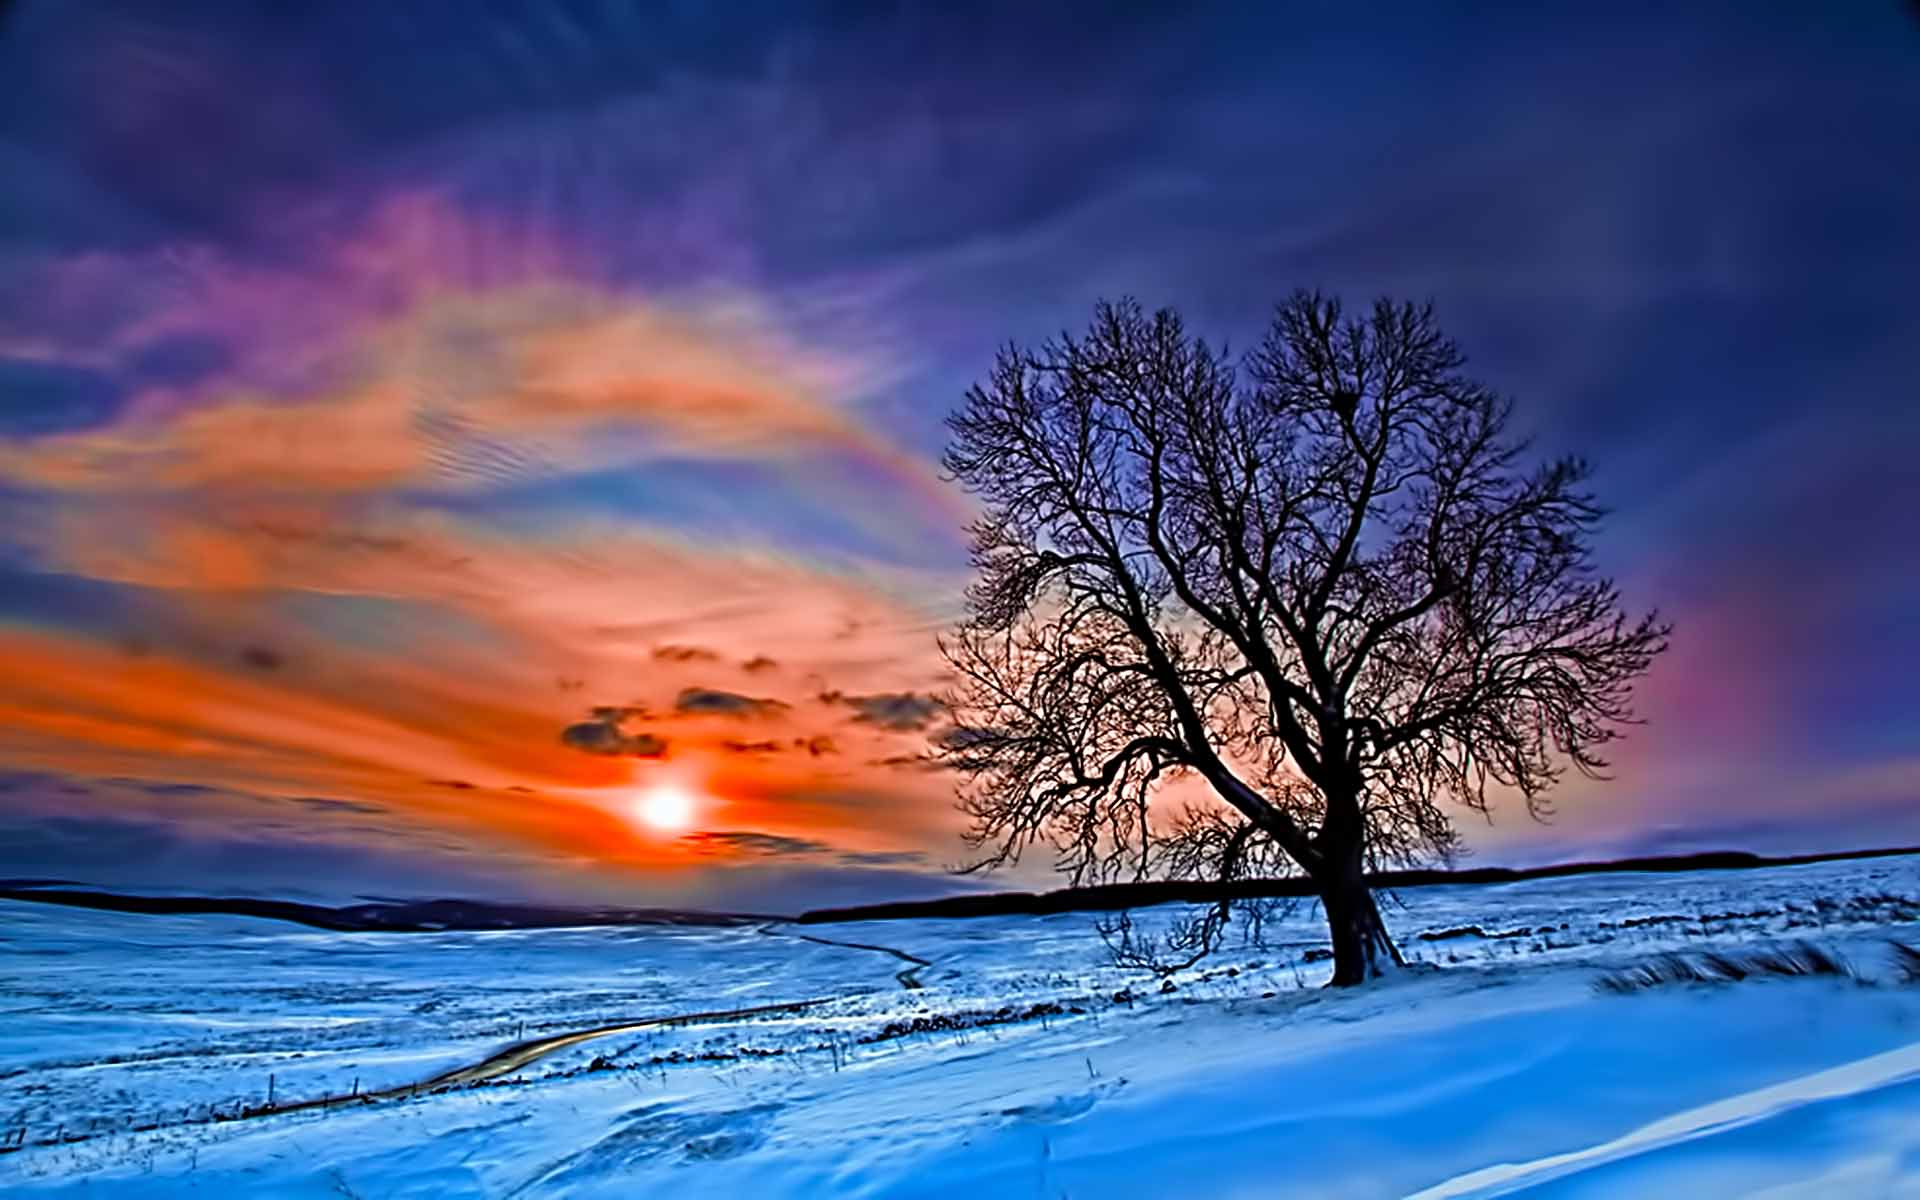 High Resolution Wallpaper: Winter High Resolution Wallpaper